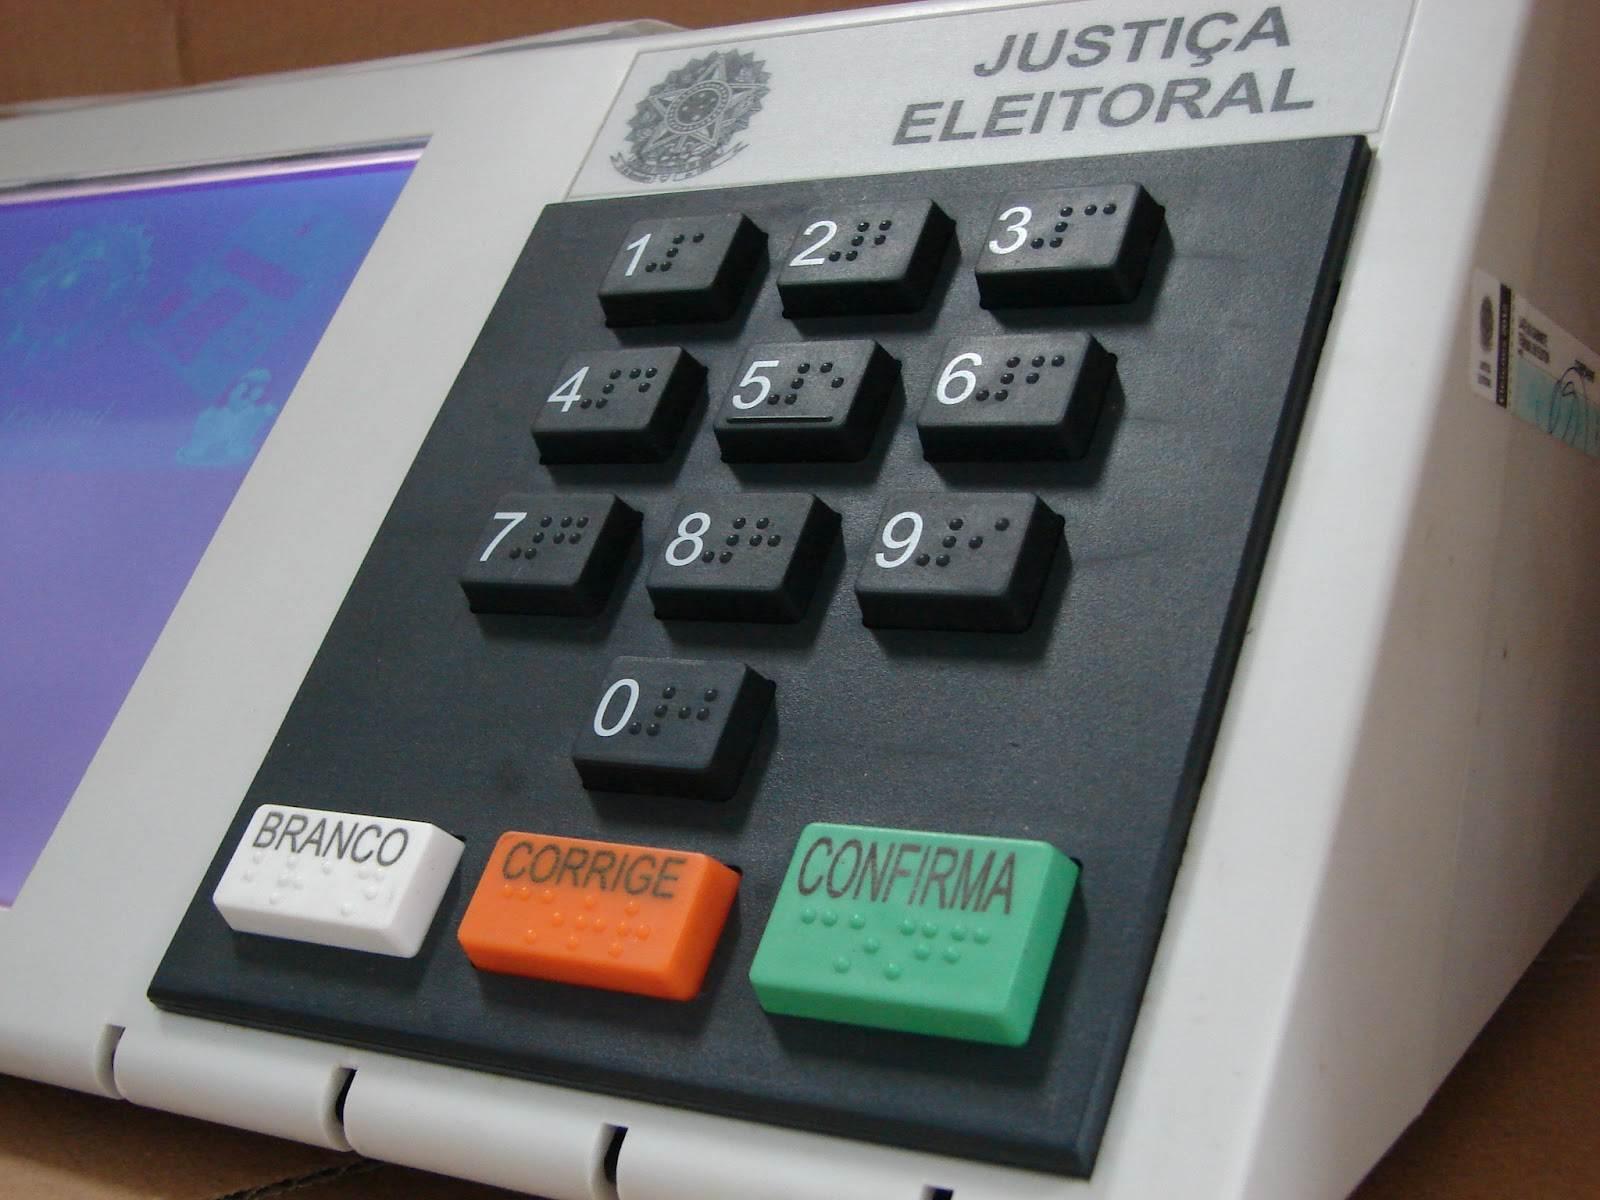 Juiz concedeu direito de candidatura independente | Foto: Reprodução